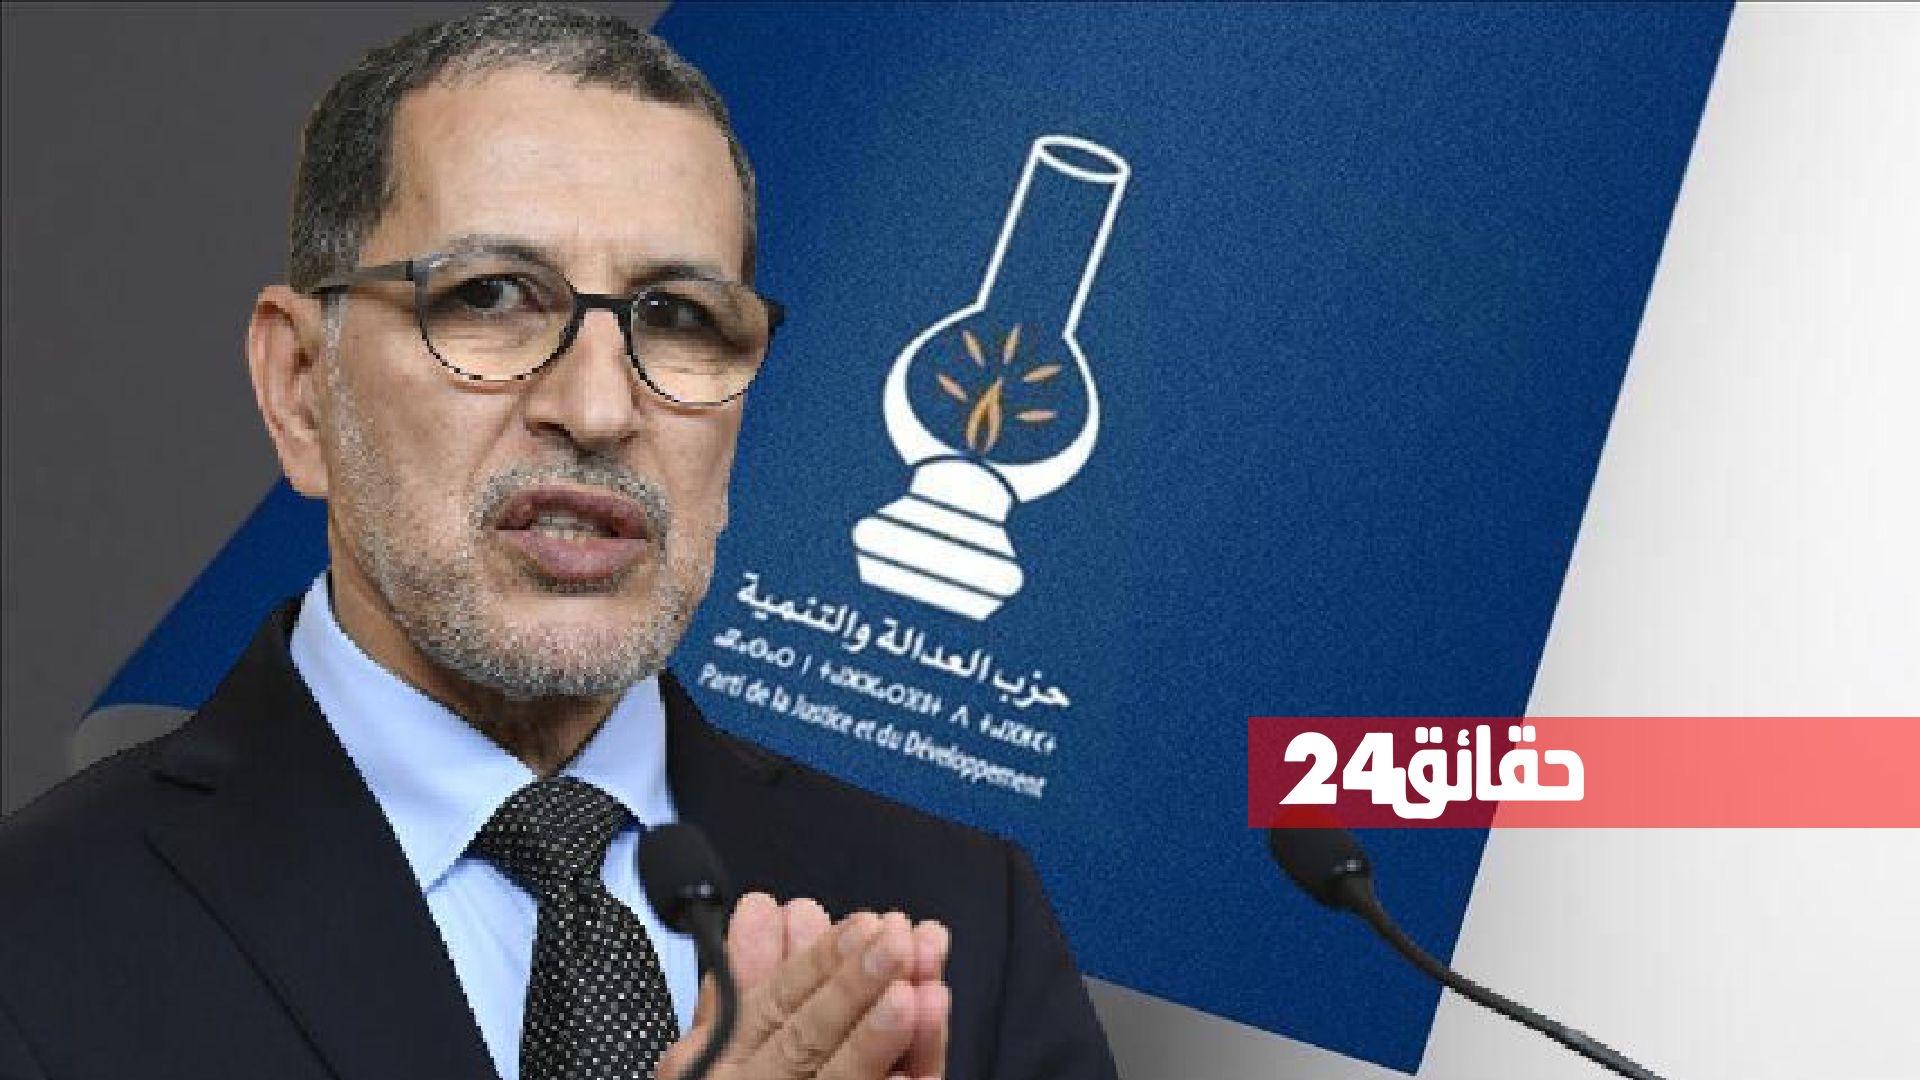 صورة العثماني يدعو المغاربة لإختيار حزبه ليكمل مسيرة الإصلاح